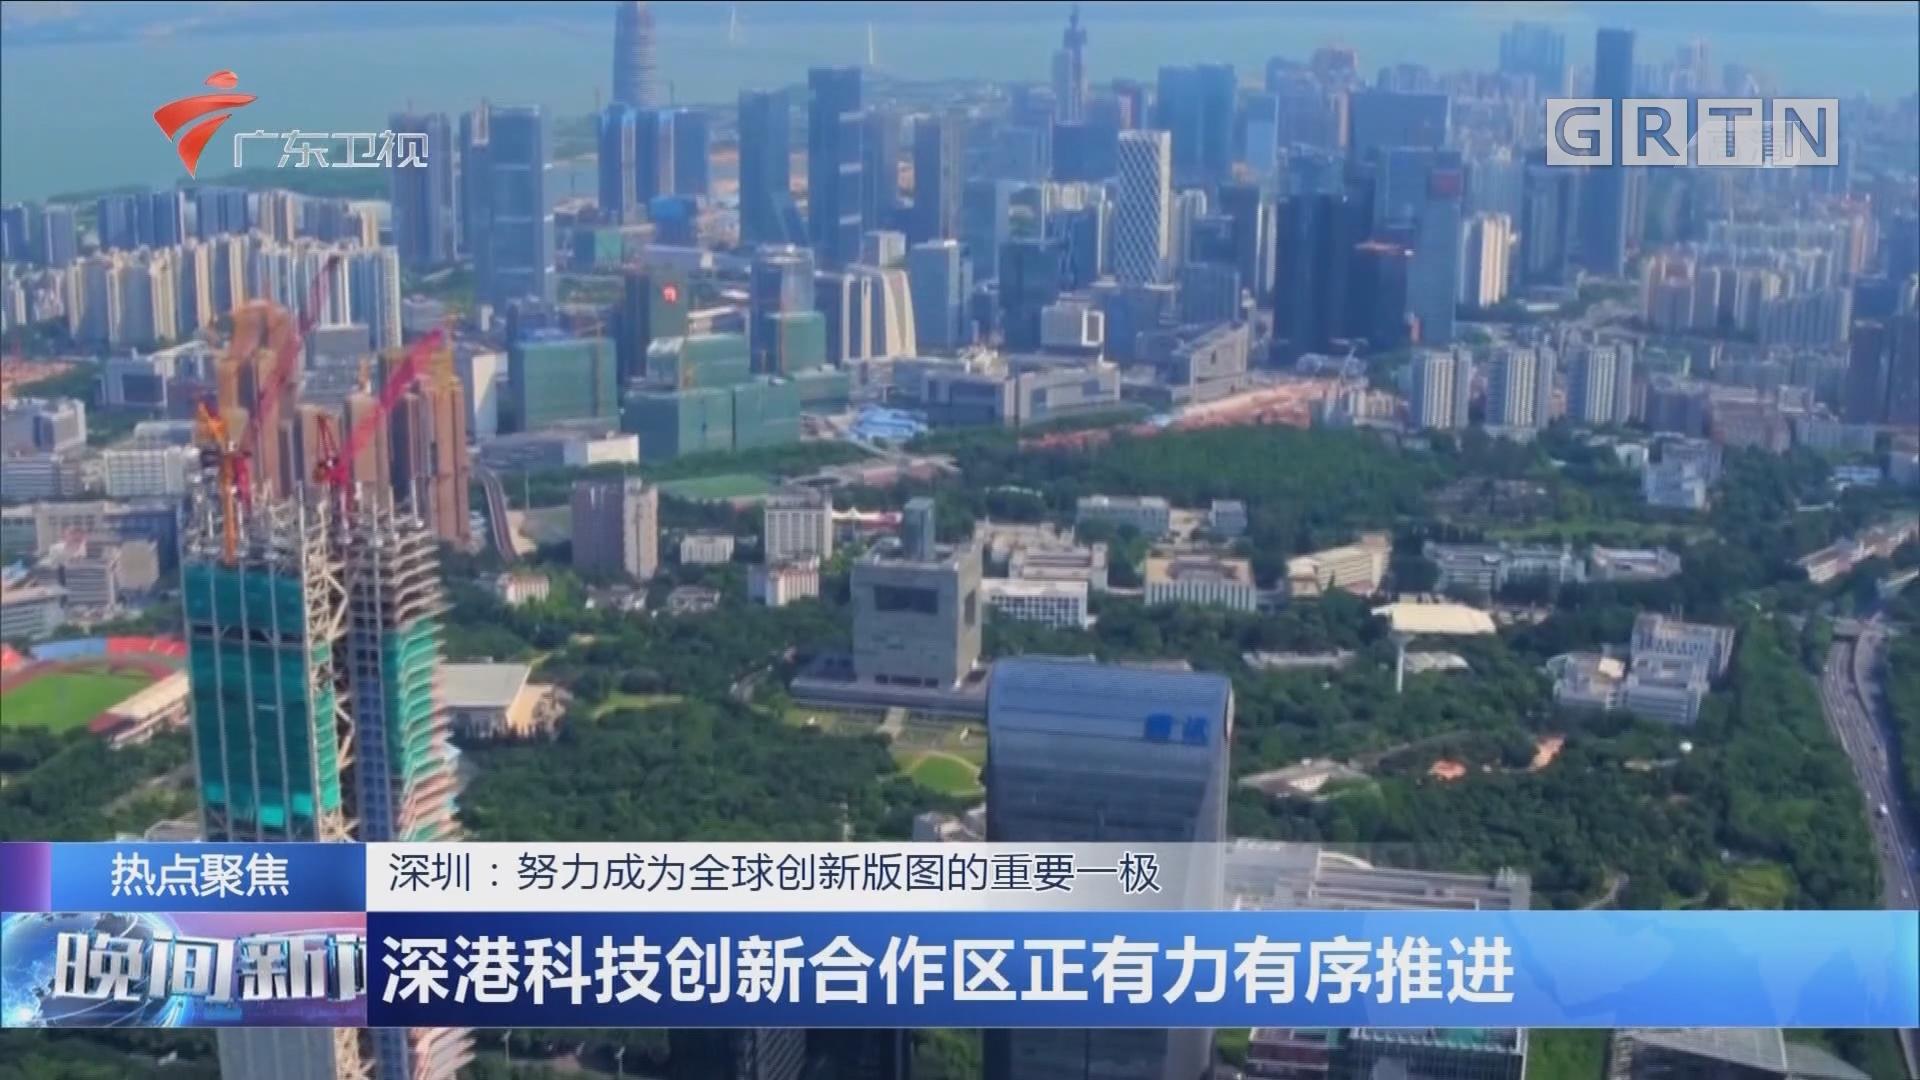 深圳:努力成为全球创新版图的重要一极 深港科技创新合作区正有力有序推进